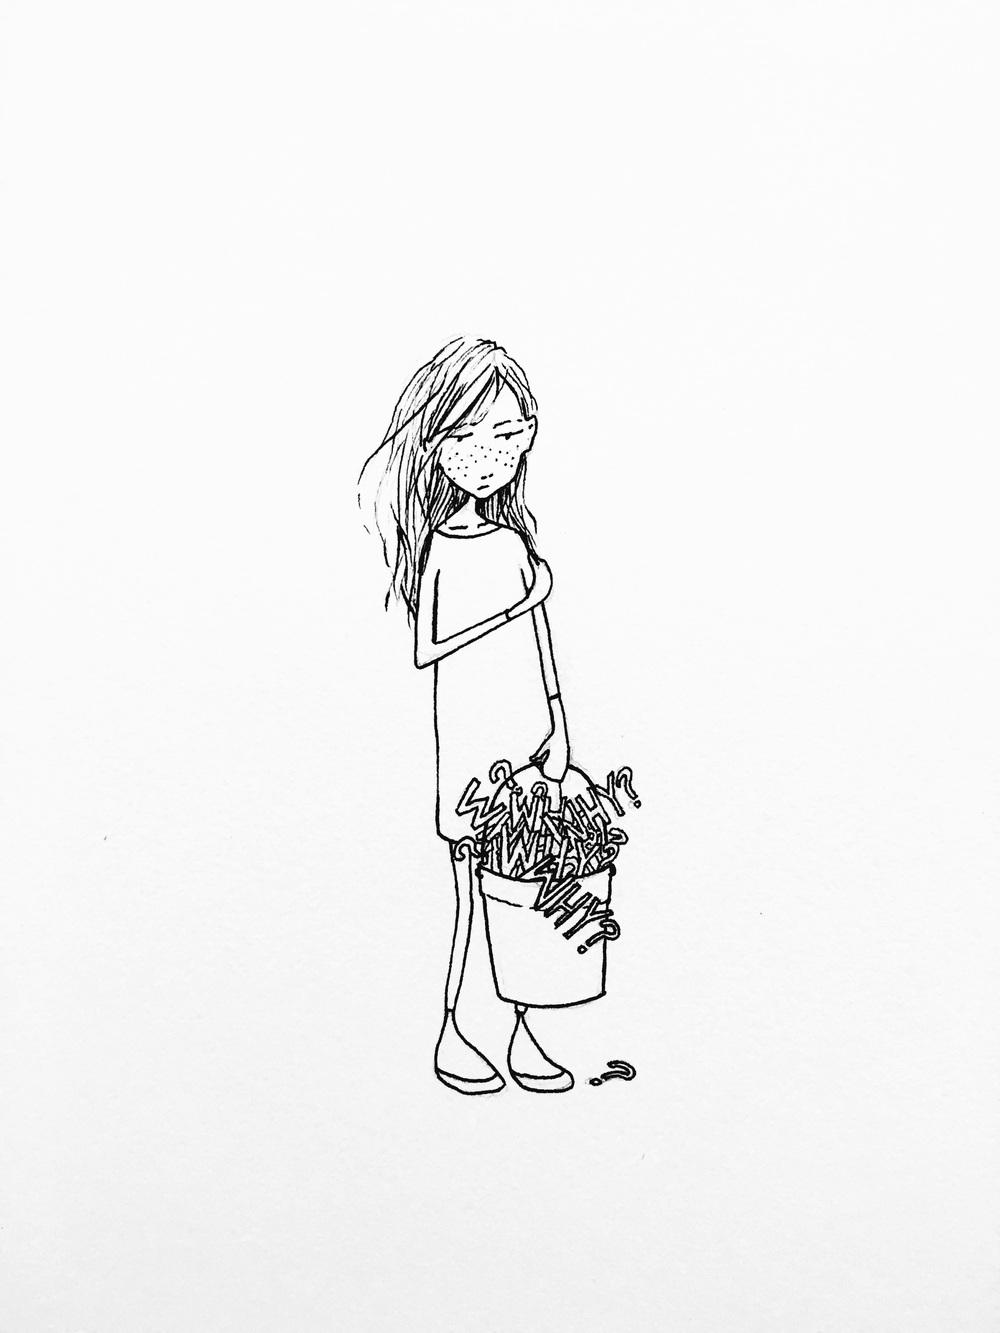 Illustration by Lindsay Ryden